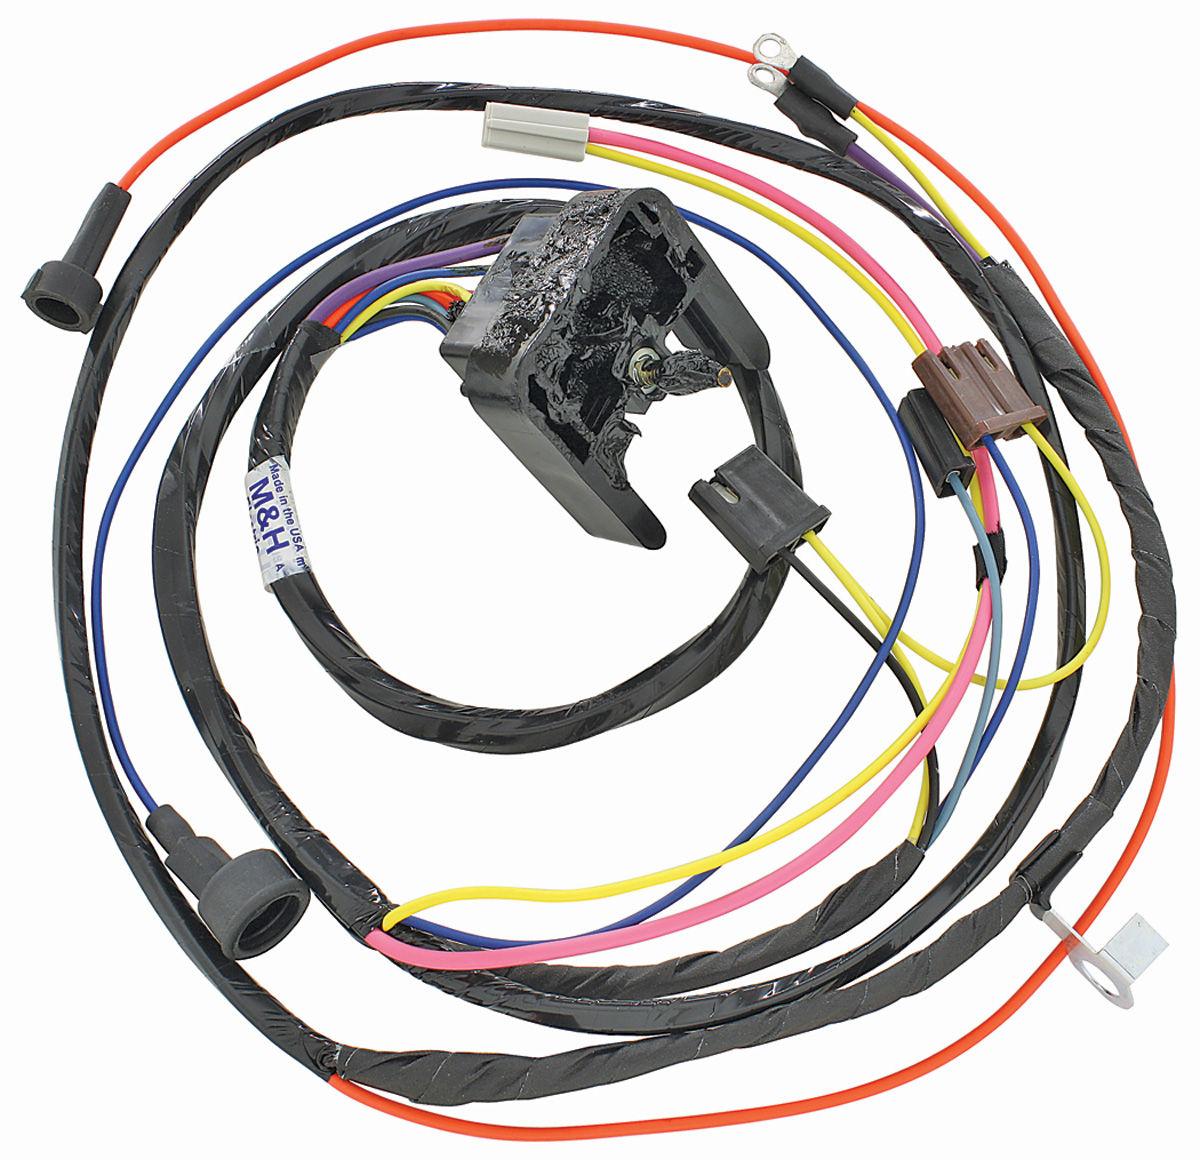 1970 chevelle engine wiring harness likewise 1970 1970 chevelle engine schema wiring diagram [ 1200 x 1160 Pixel ]